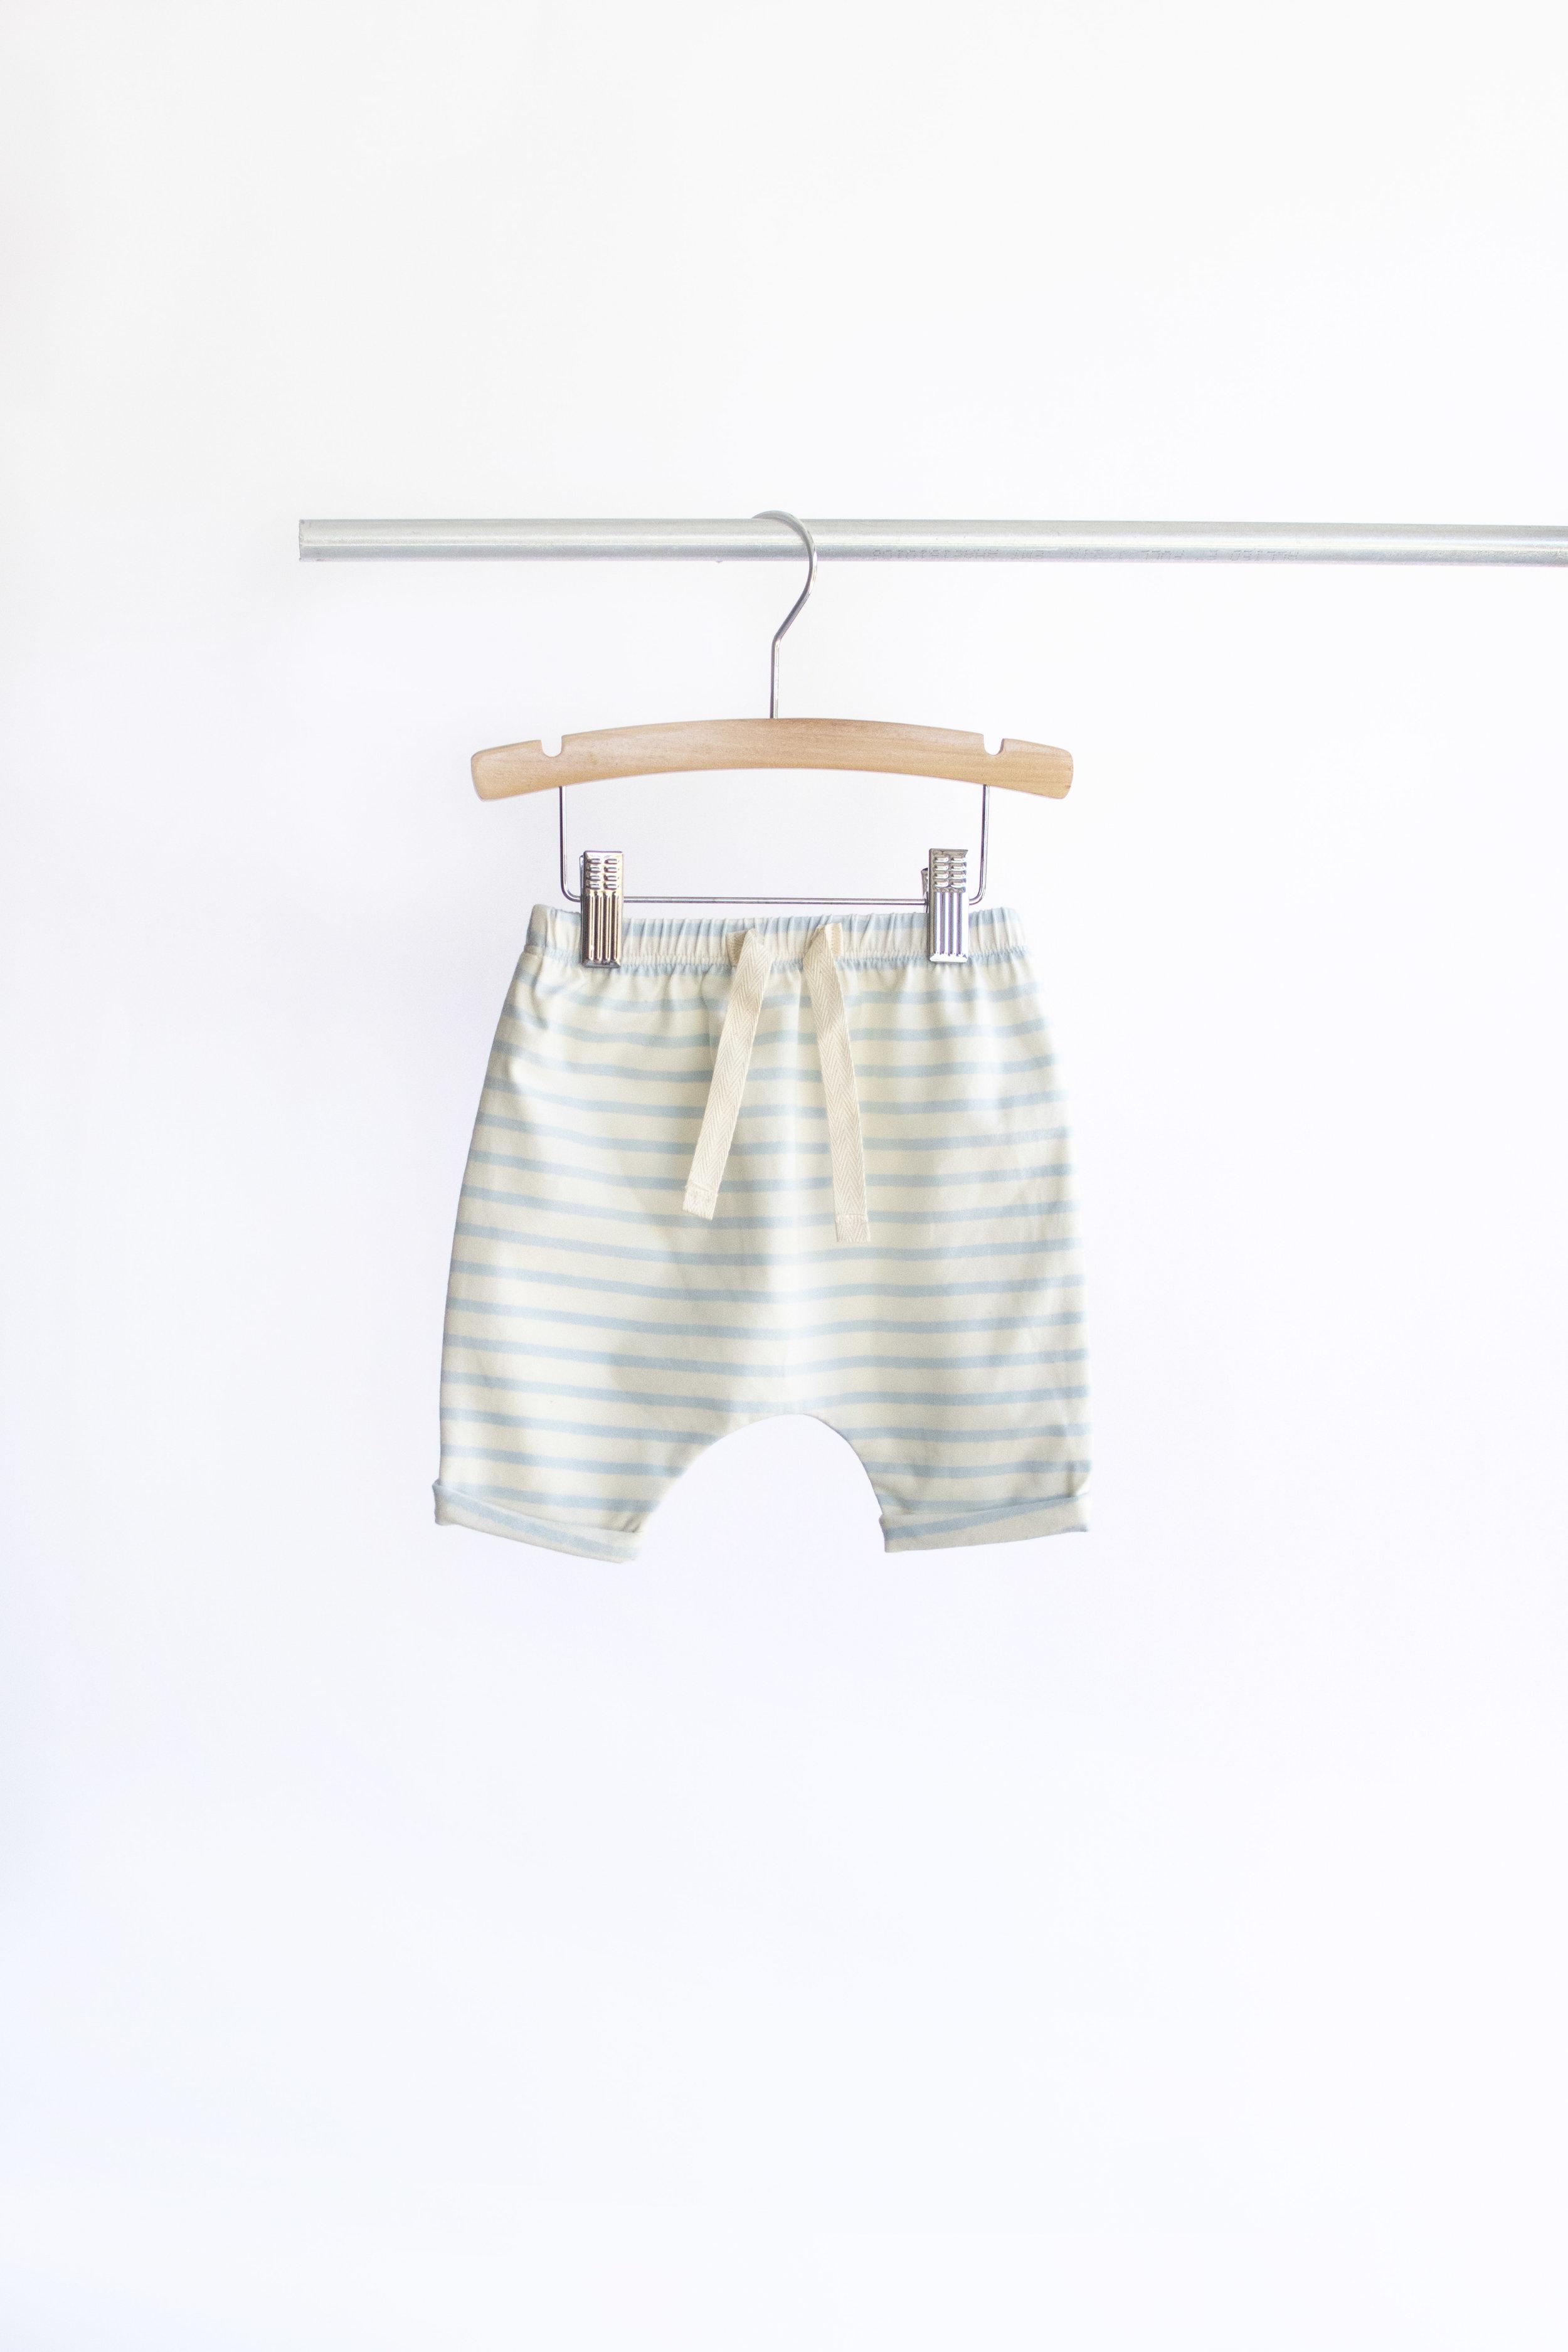 shorts8.jpg